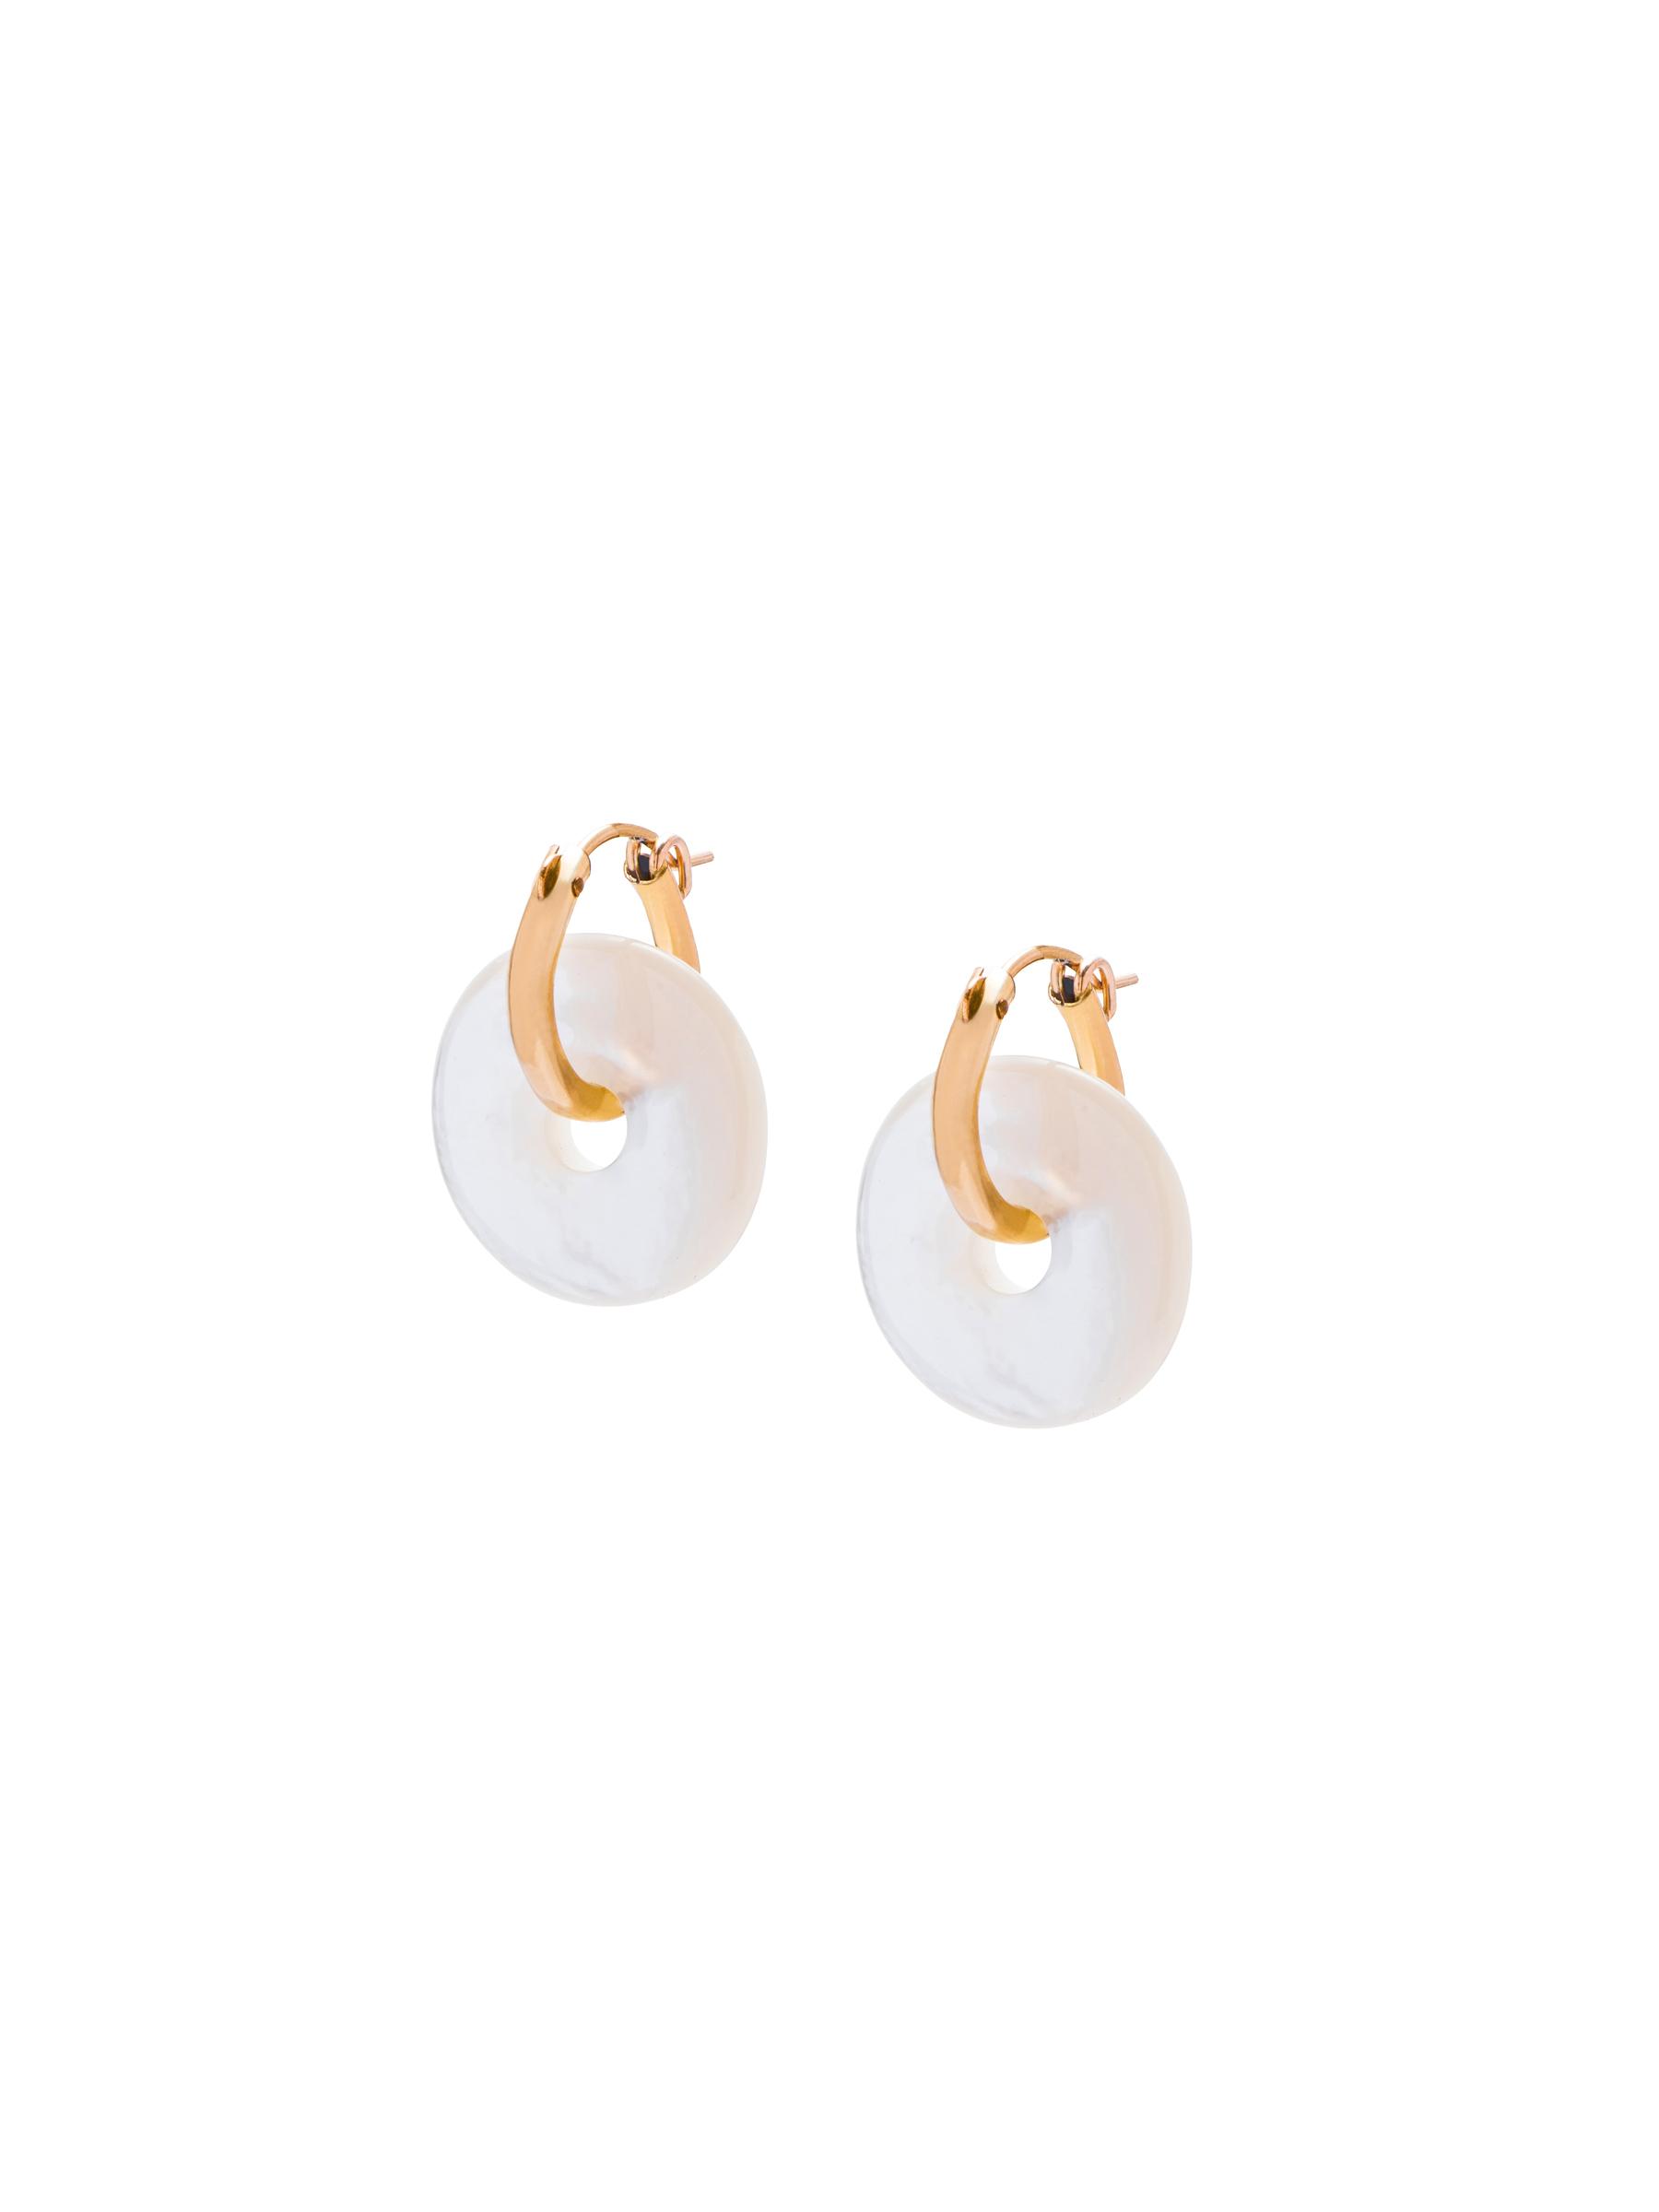 White Donut Earrings.jpg